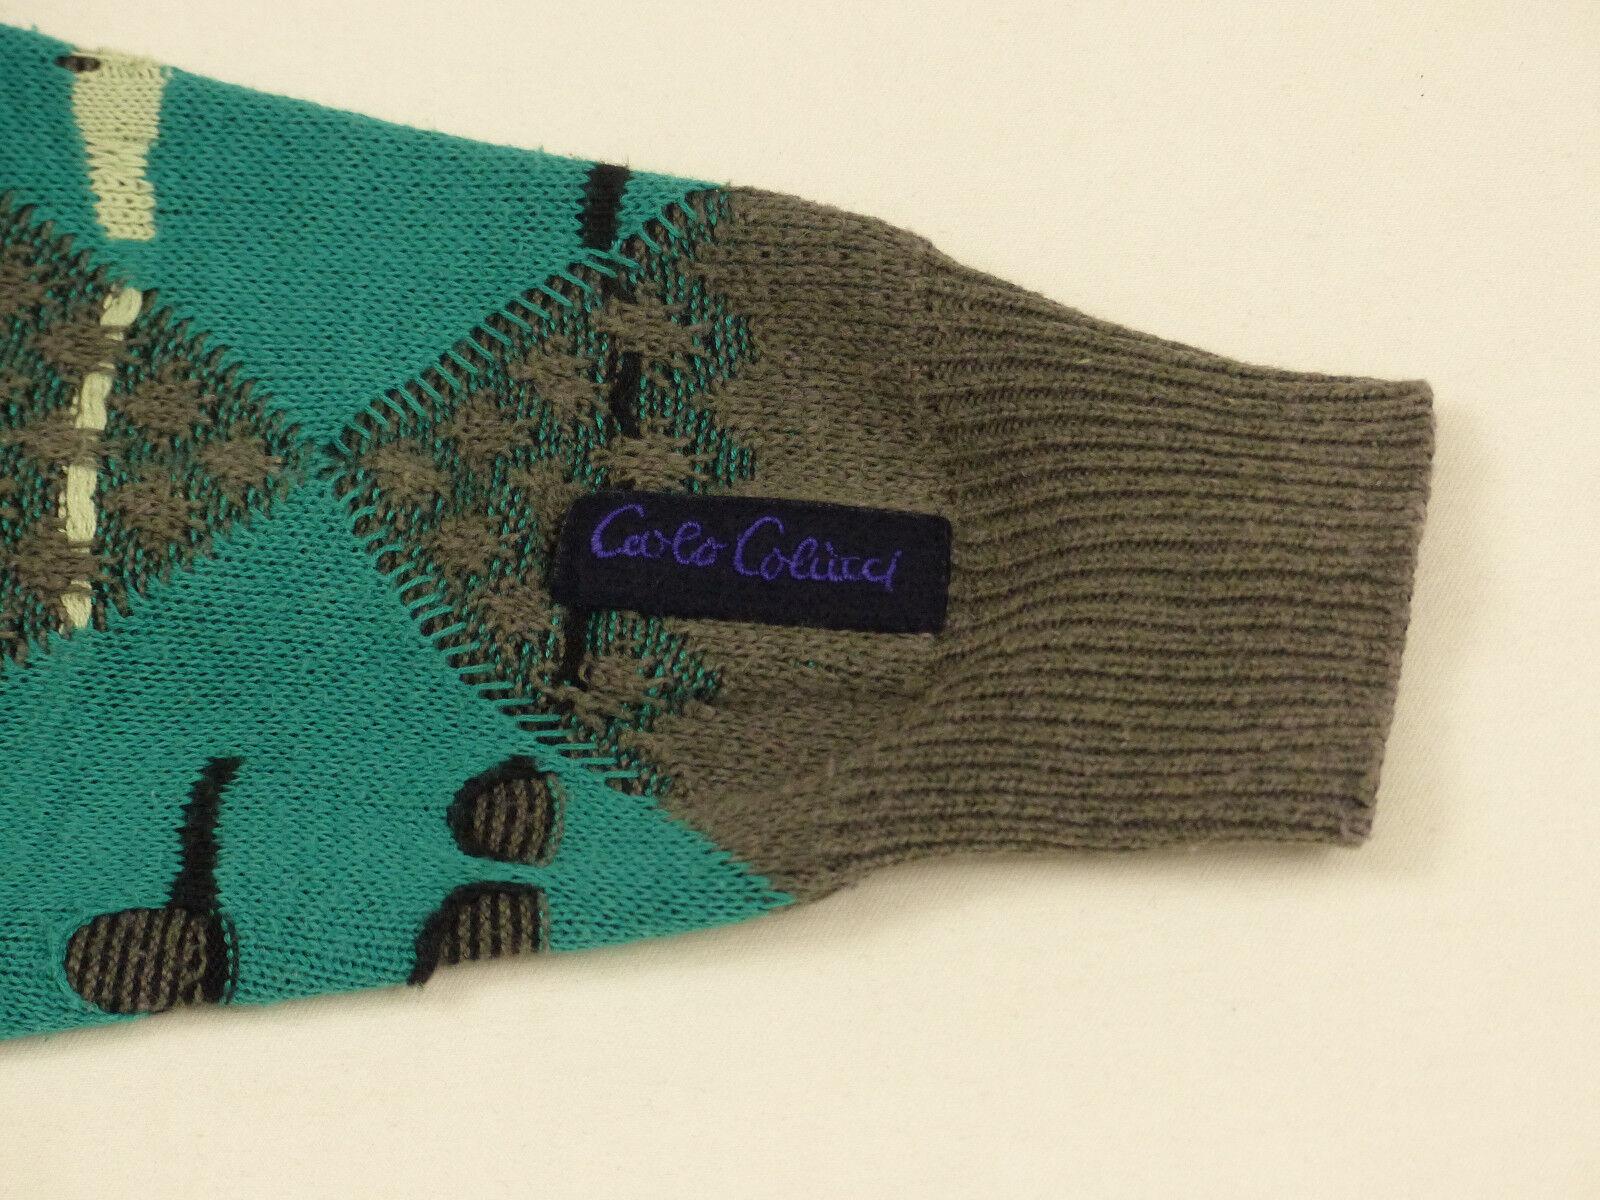 Carlo Colucci Décontracté Retro Pull Gris Multicolore Torsion Vintage Vintage Vintage Taille:L 7de6d3